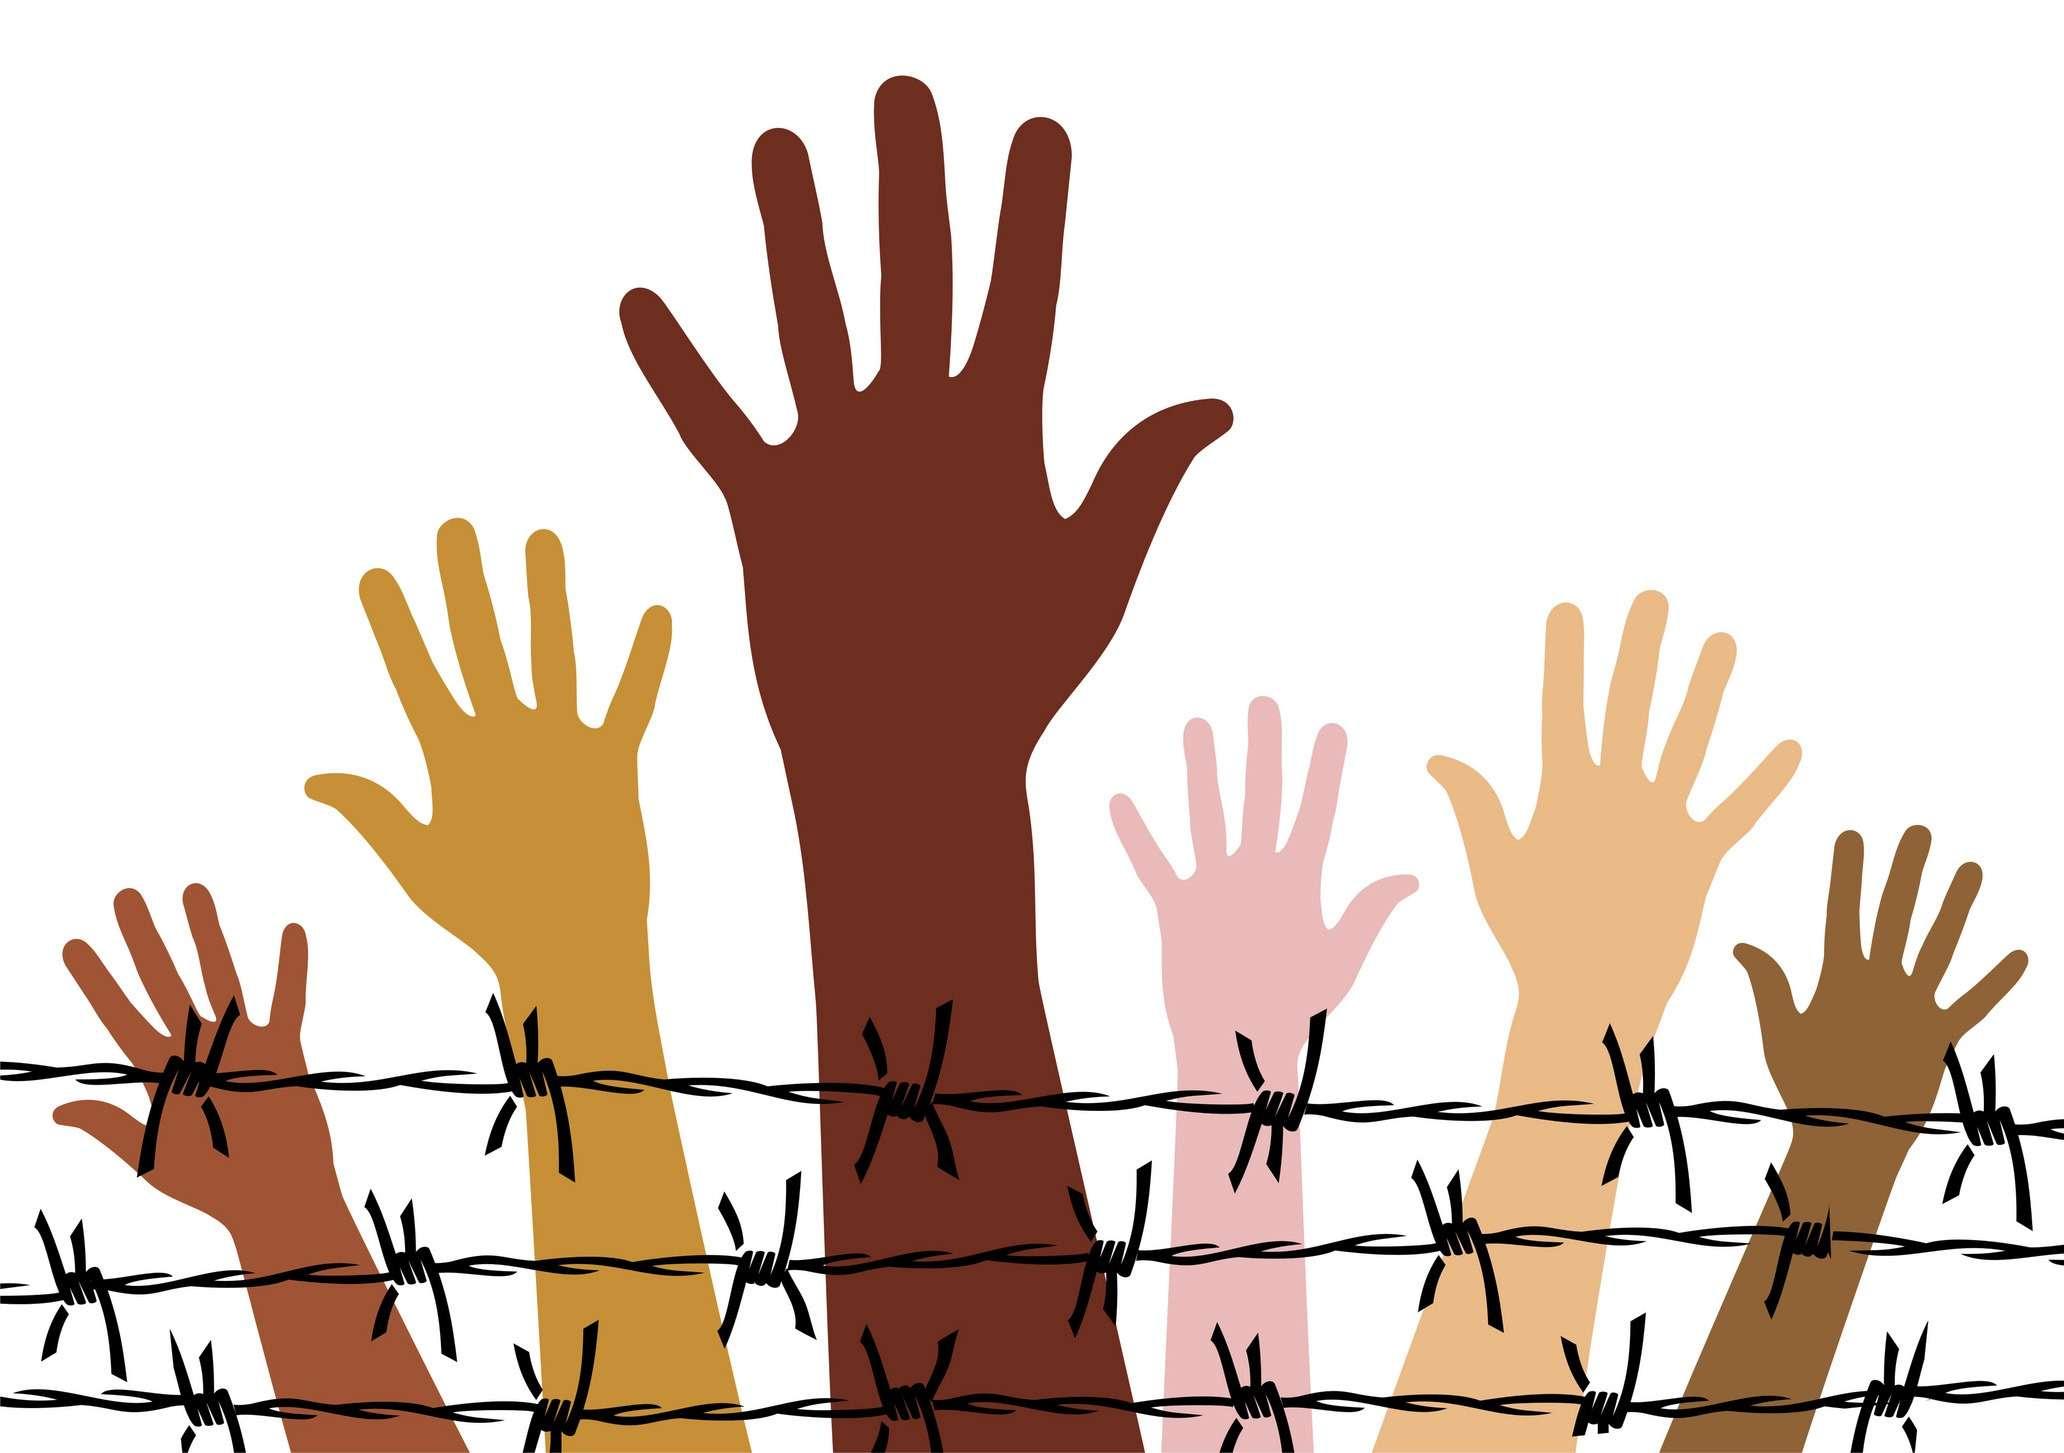 Περί ανθρωπίνων δικαιωμάτων